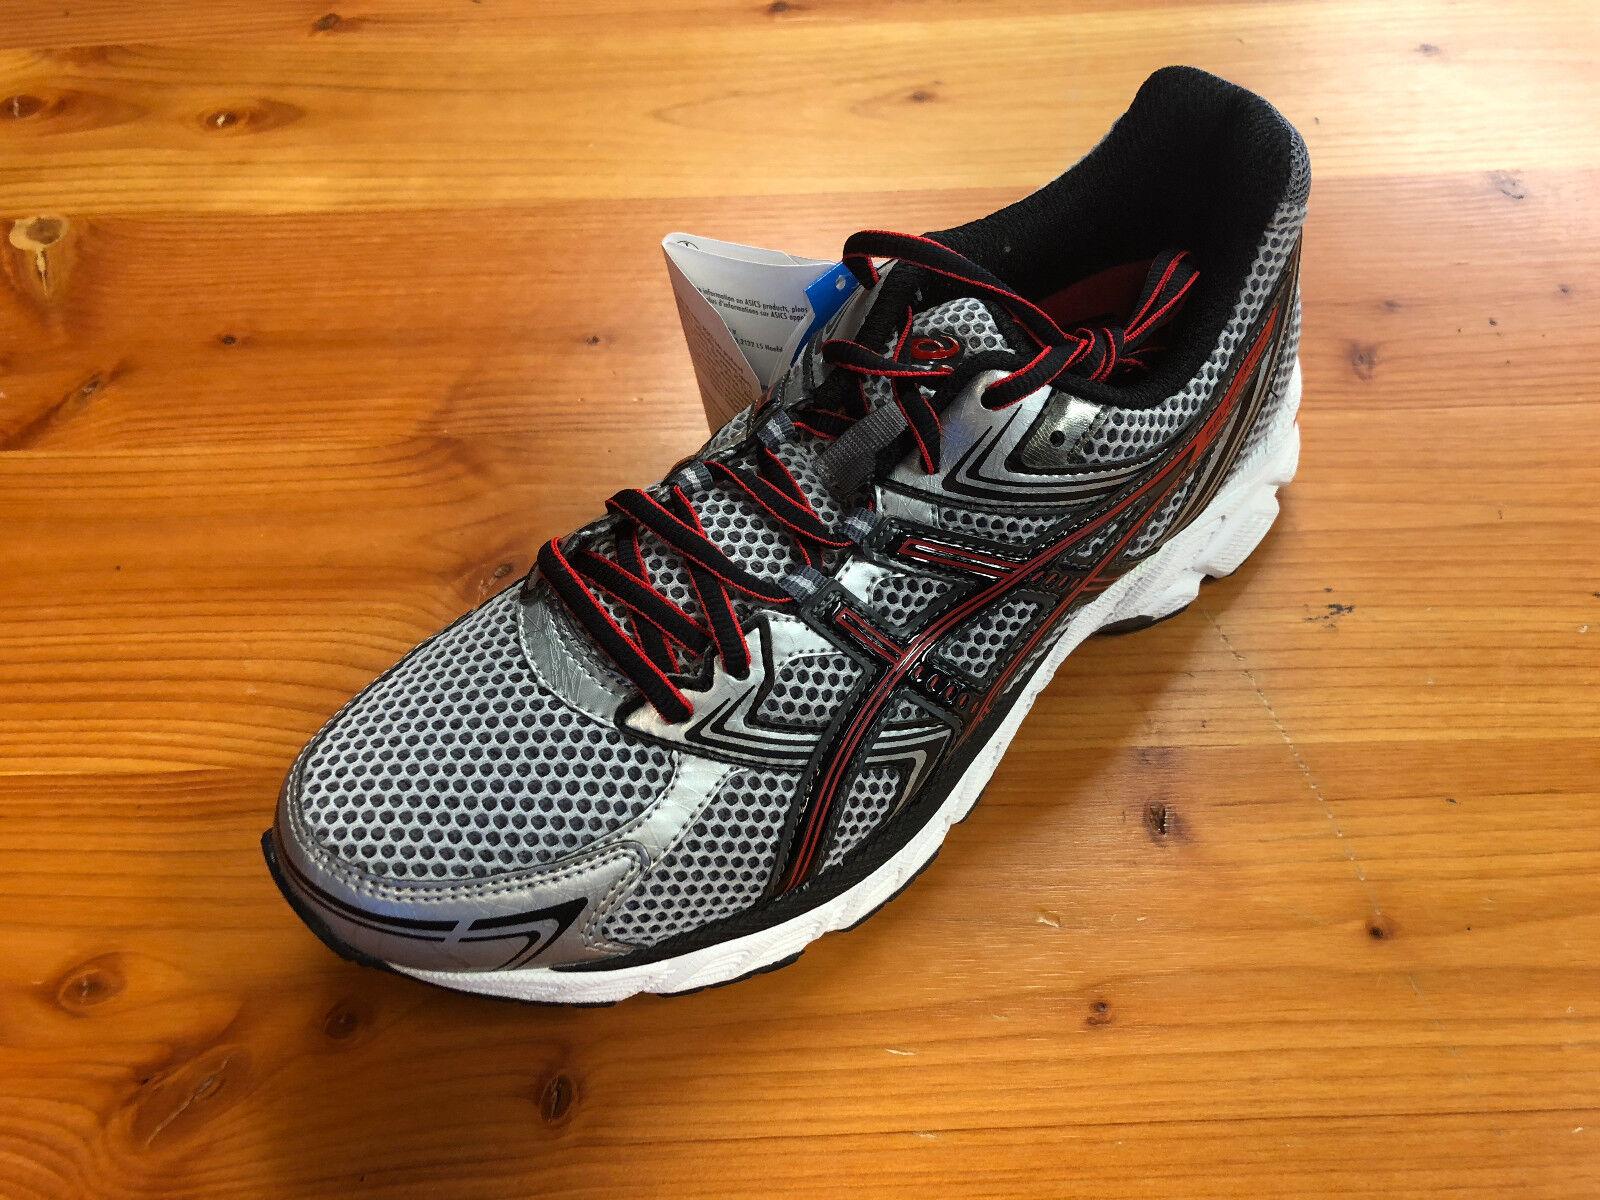 Men's Asics Gel-Equation 7 shoes Size 9.5